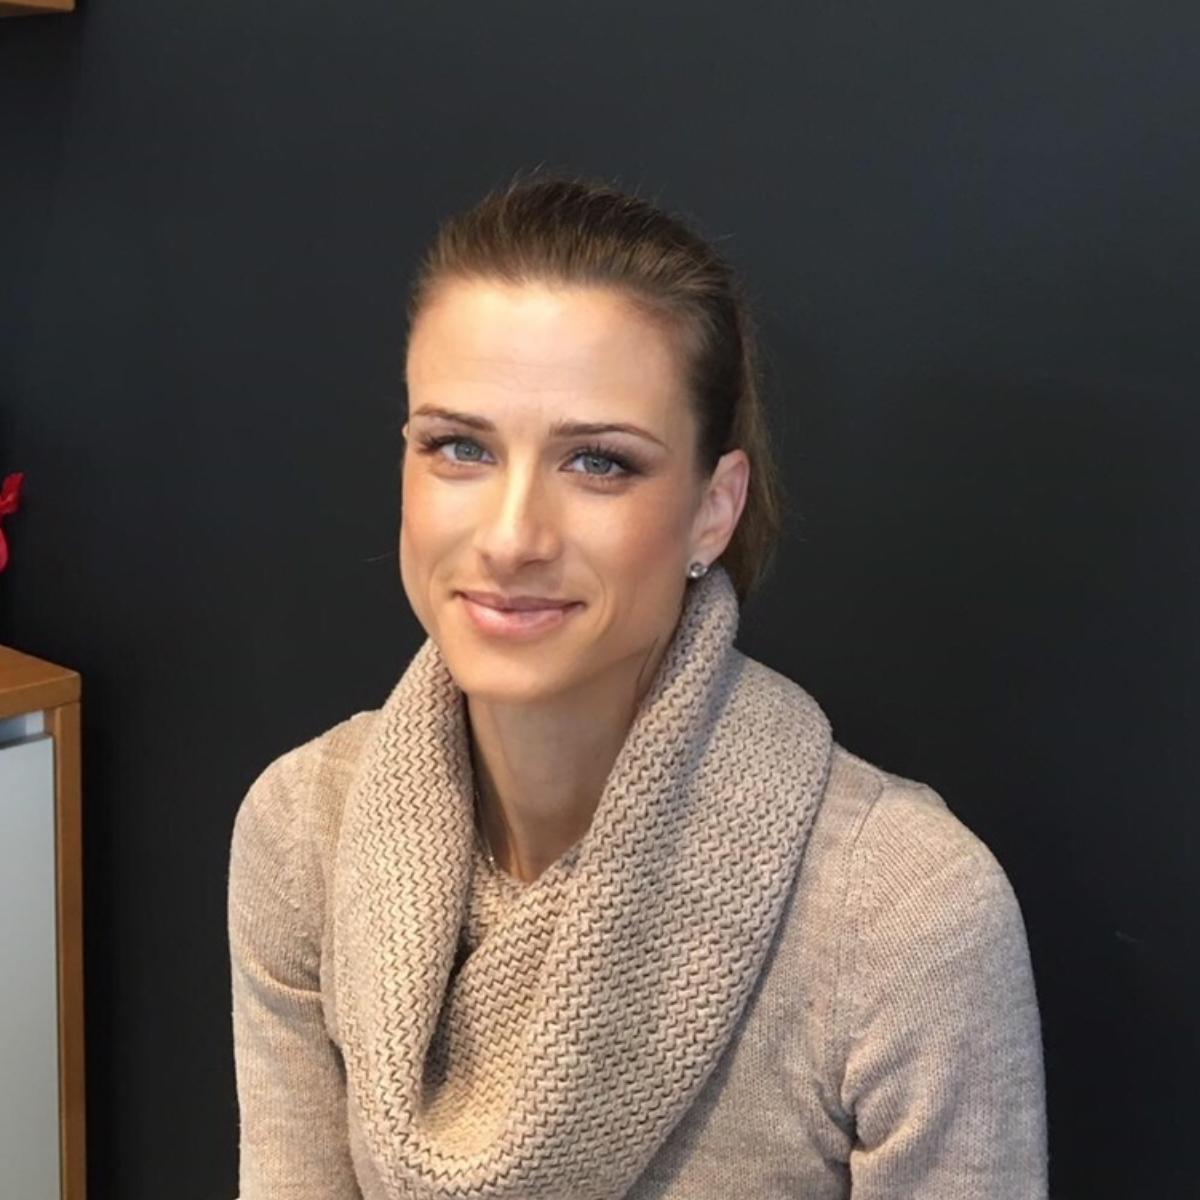 Ana Šošić